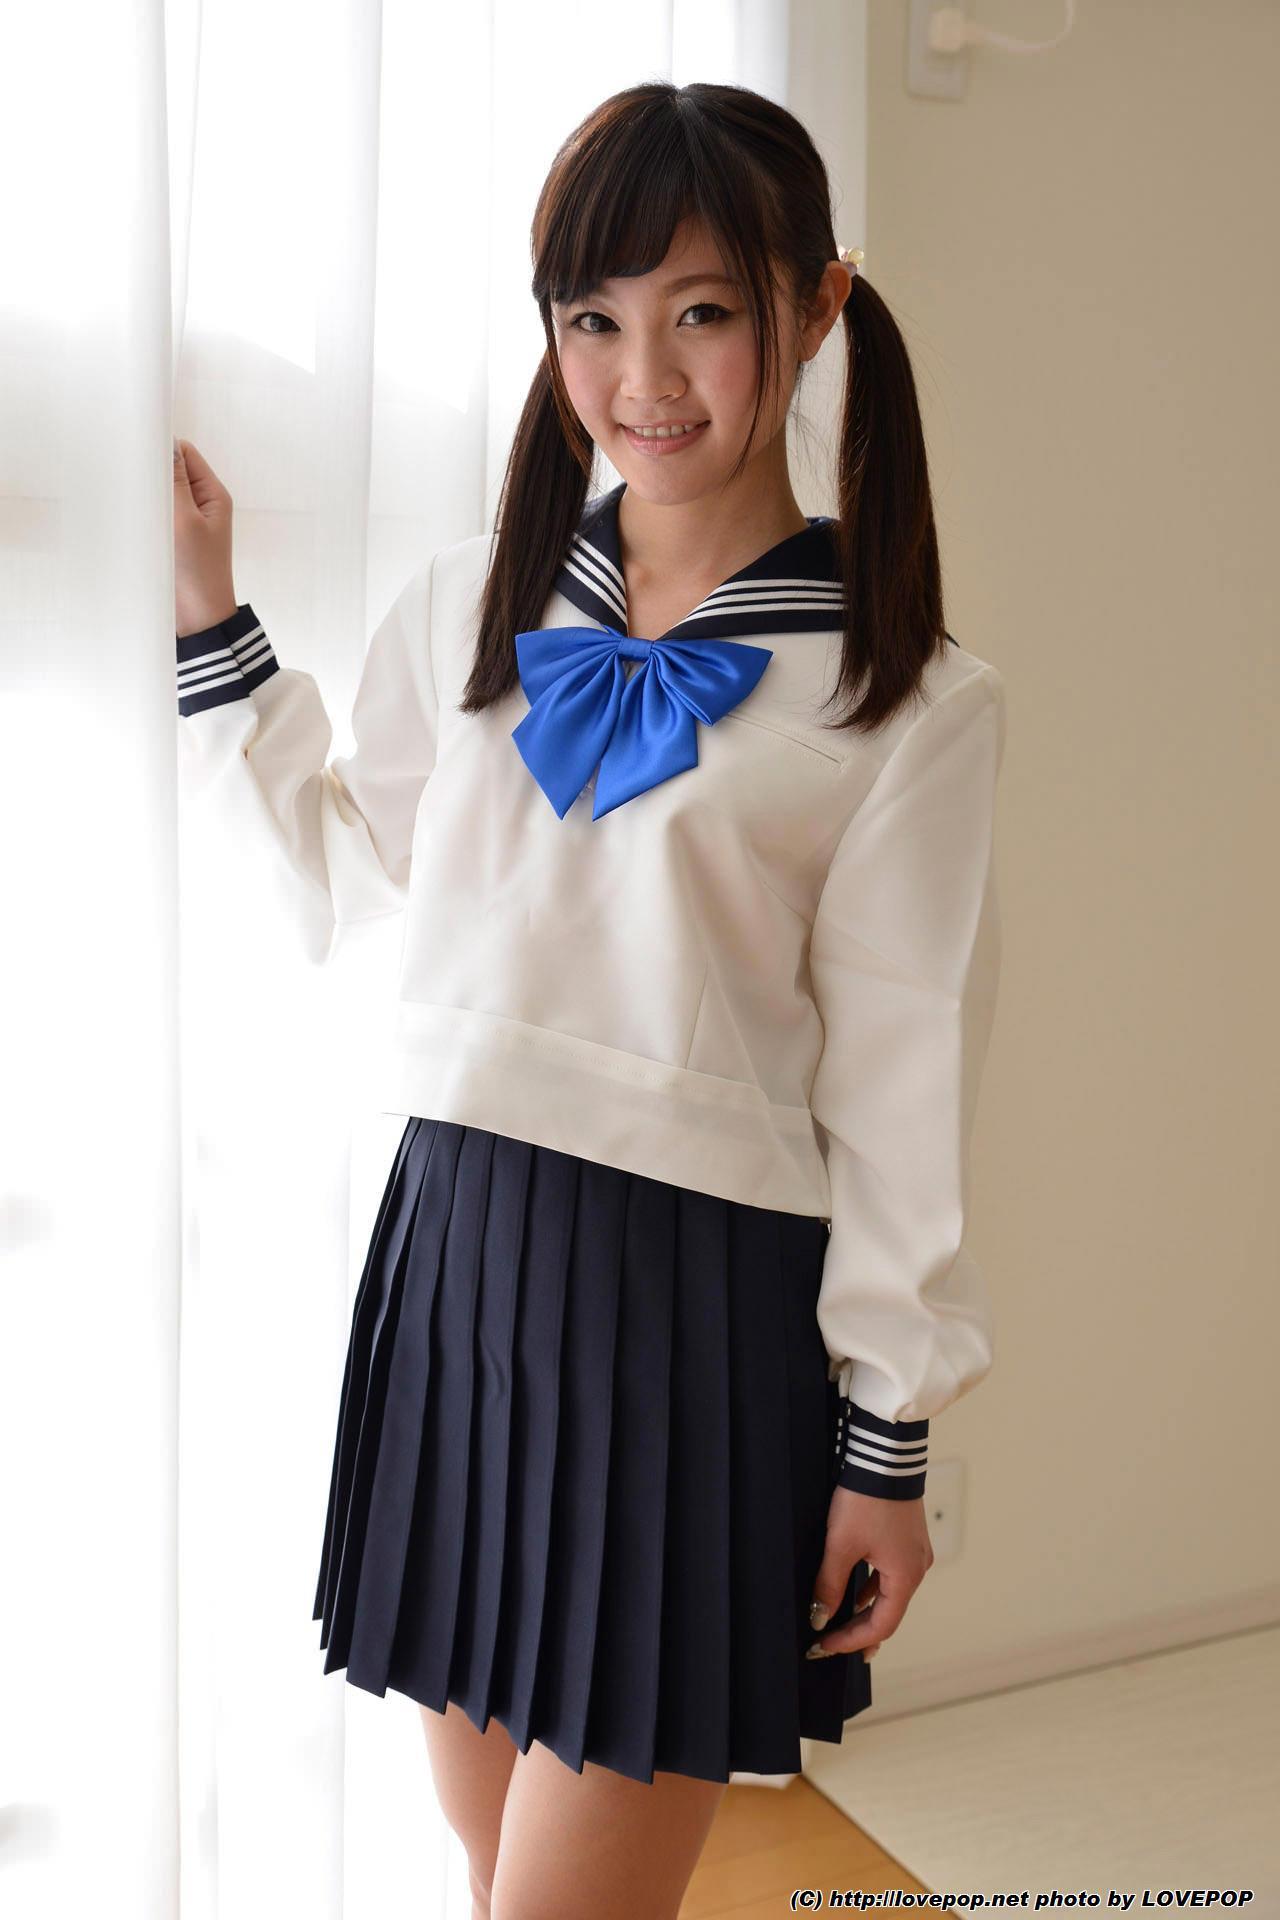 4k lovepop 制服 パンティ